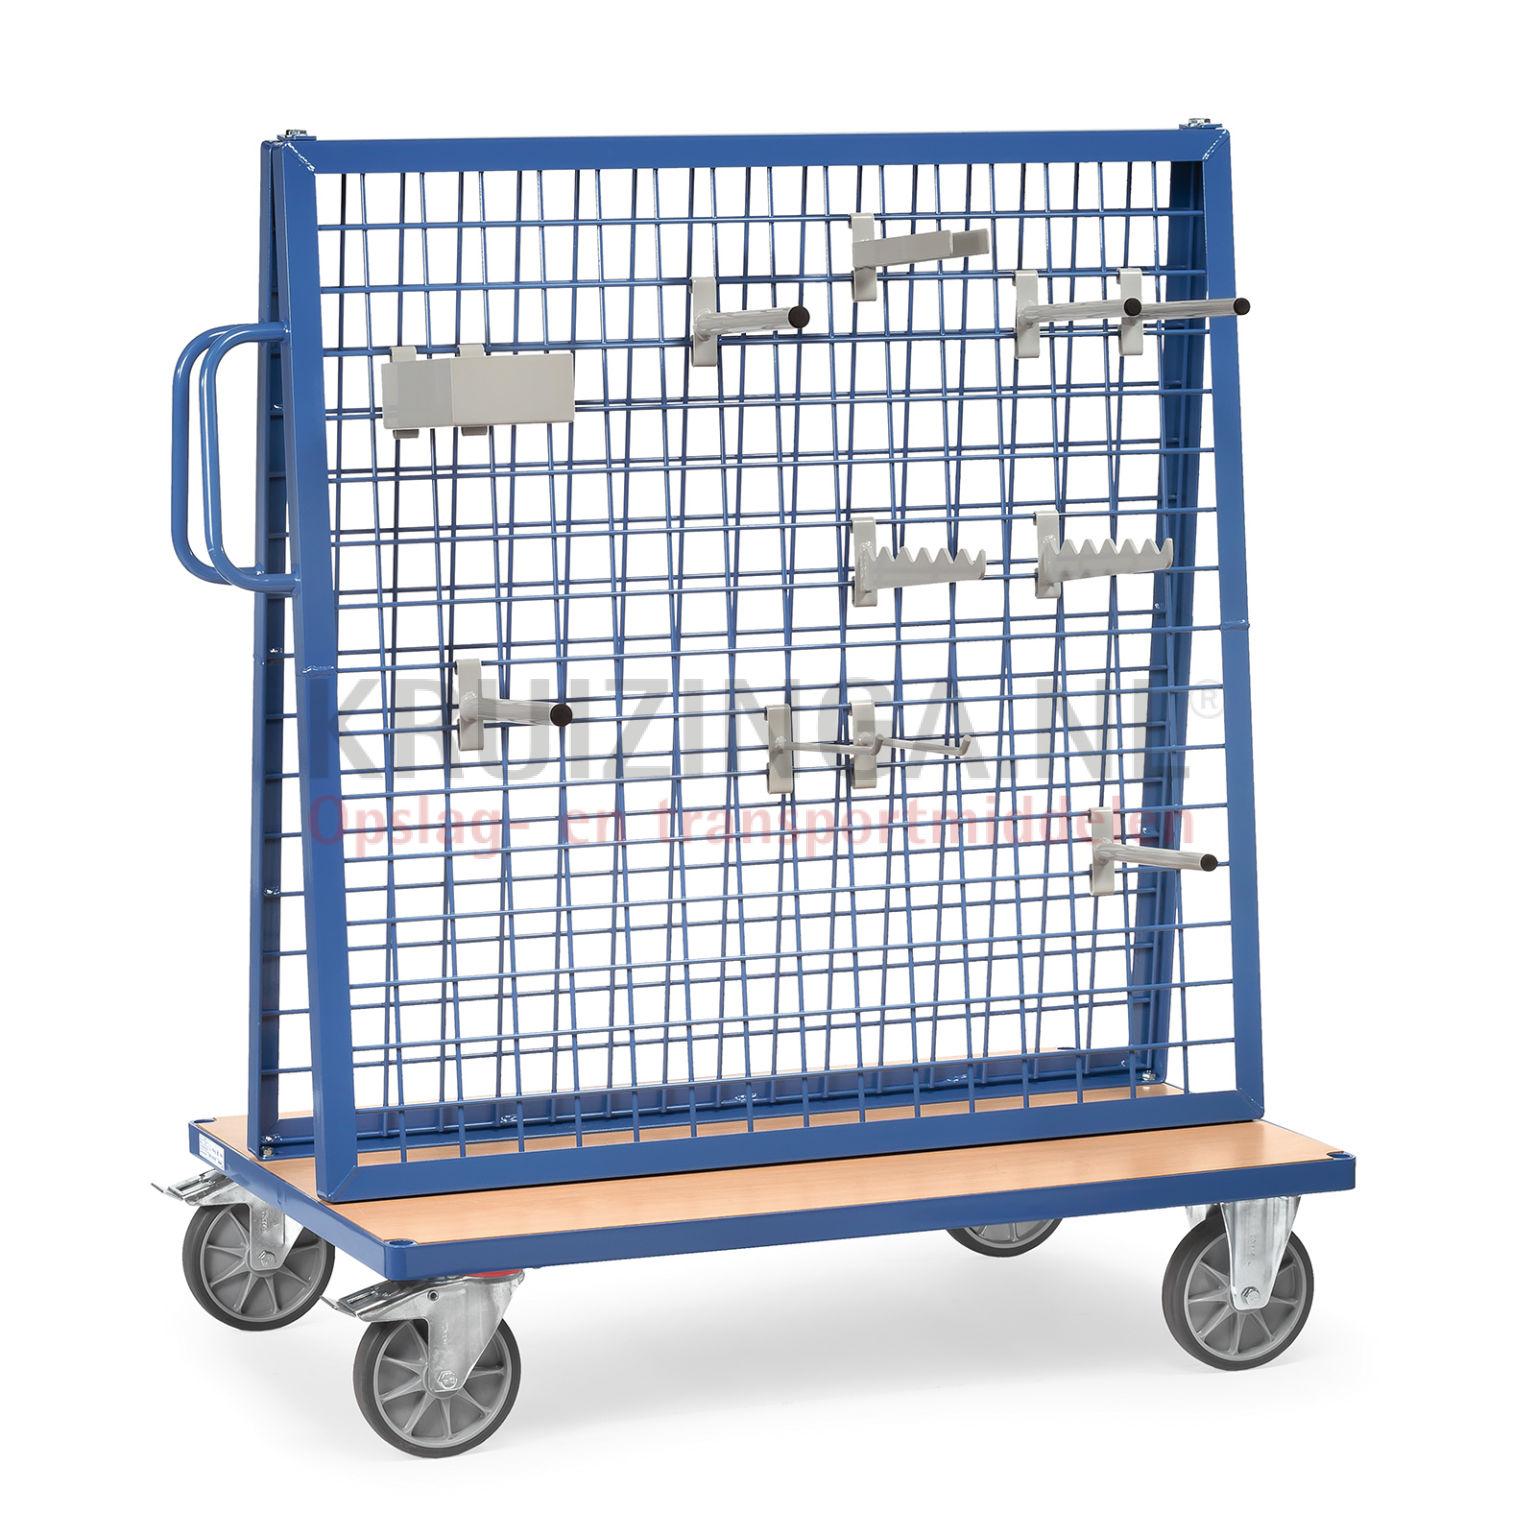 chariots porte outils et pi ces chariot de manutention chariot porte outils deux c t s 2. Black Bedroom Furniture Sets. Home Design Ideas